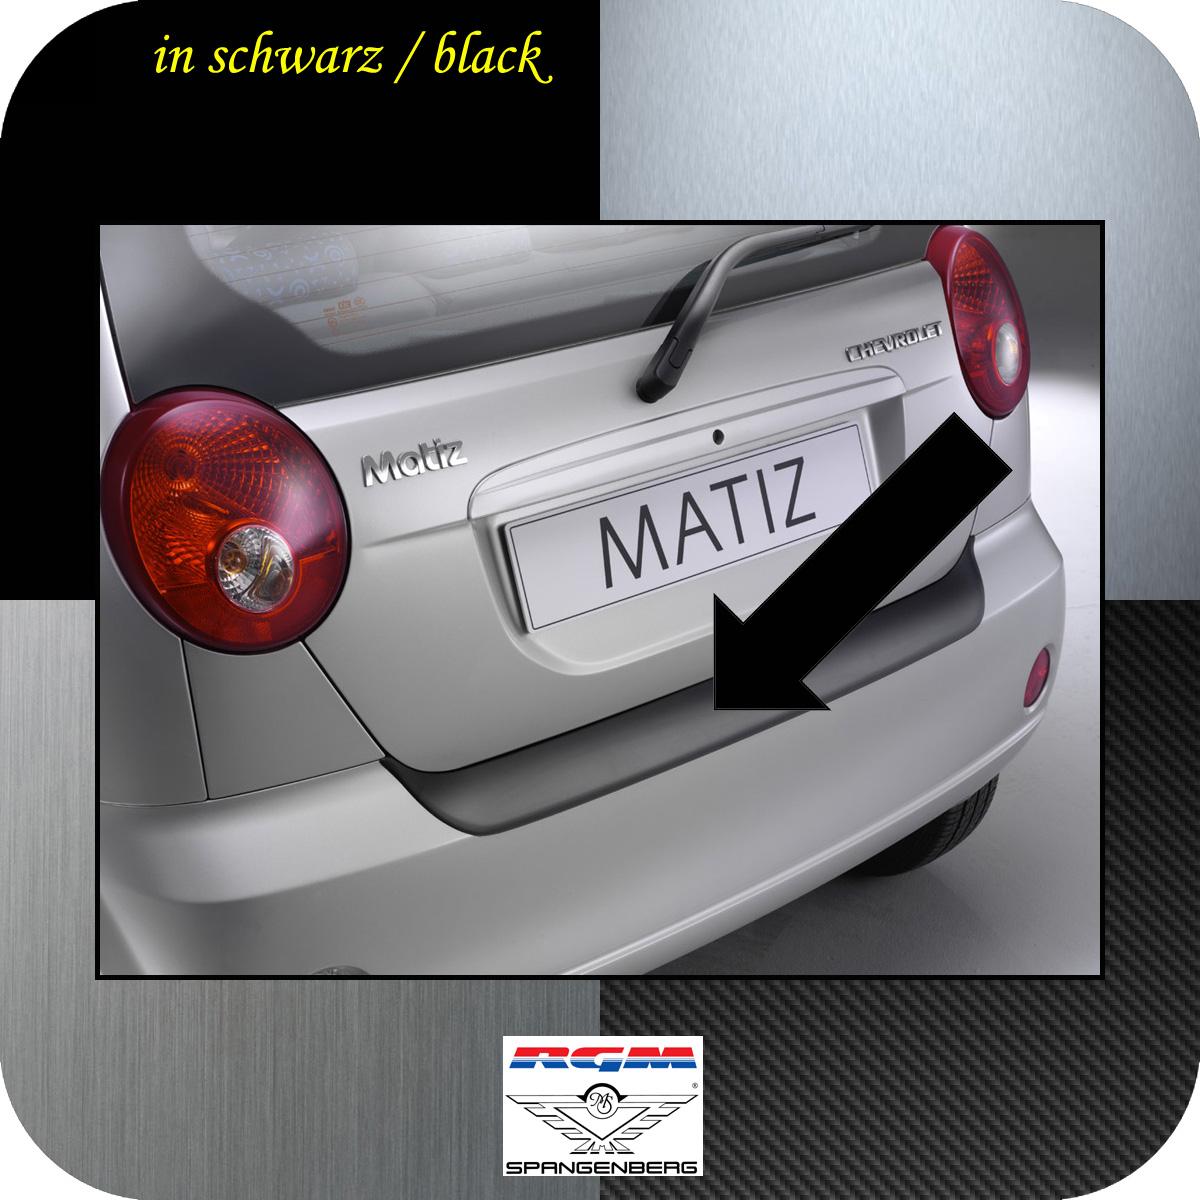 Ladekantenschutz schwarz Chevrolet Matiz Spark Schrägheck bis 2010 3500326